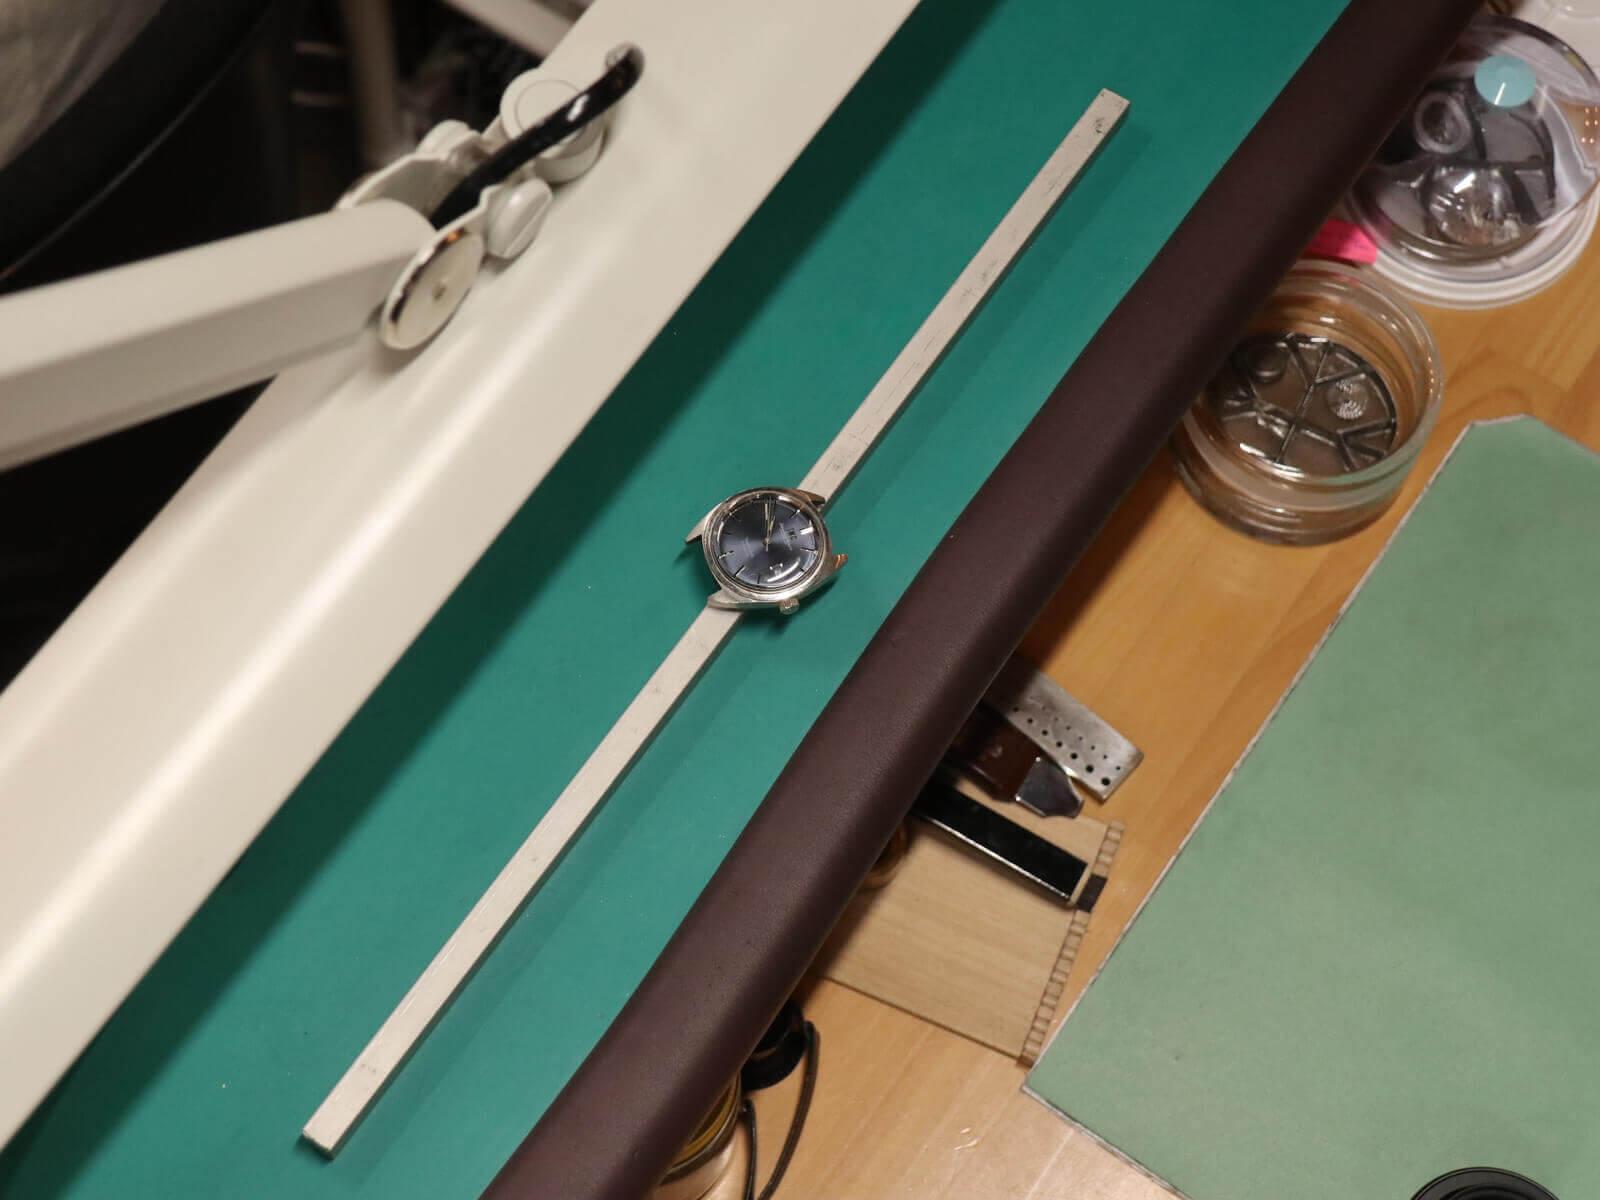 watch repair back case opener